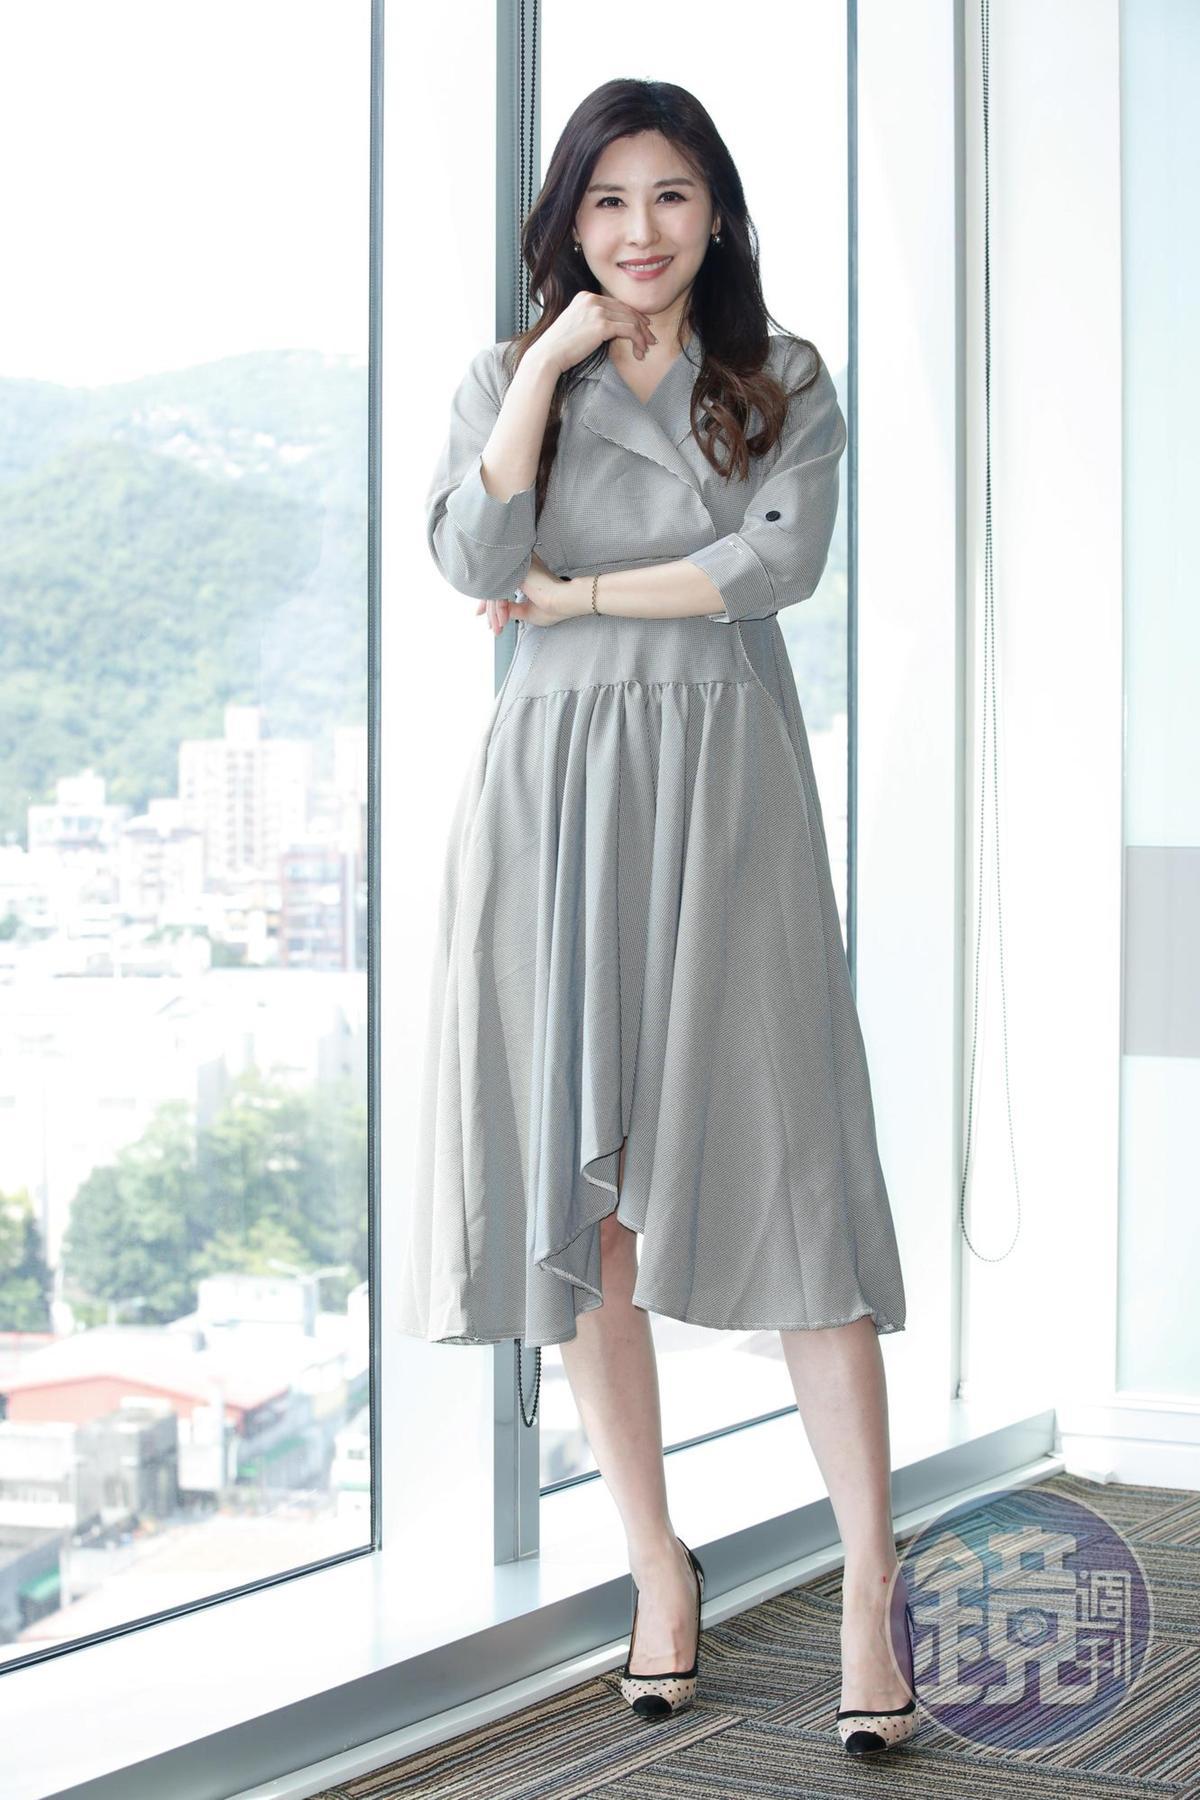 穆熙妍透露與老公的相處方式就是「不勉強」。